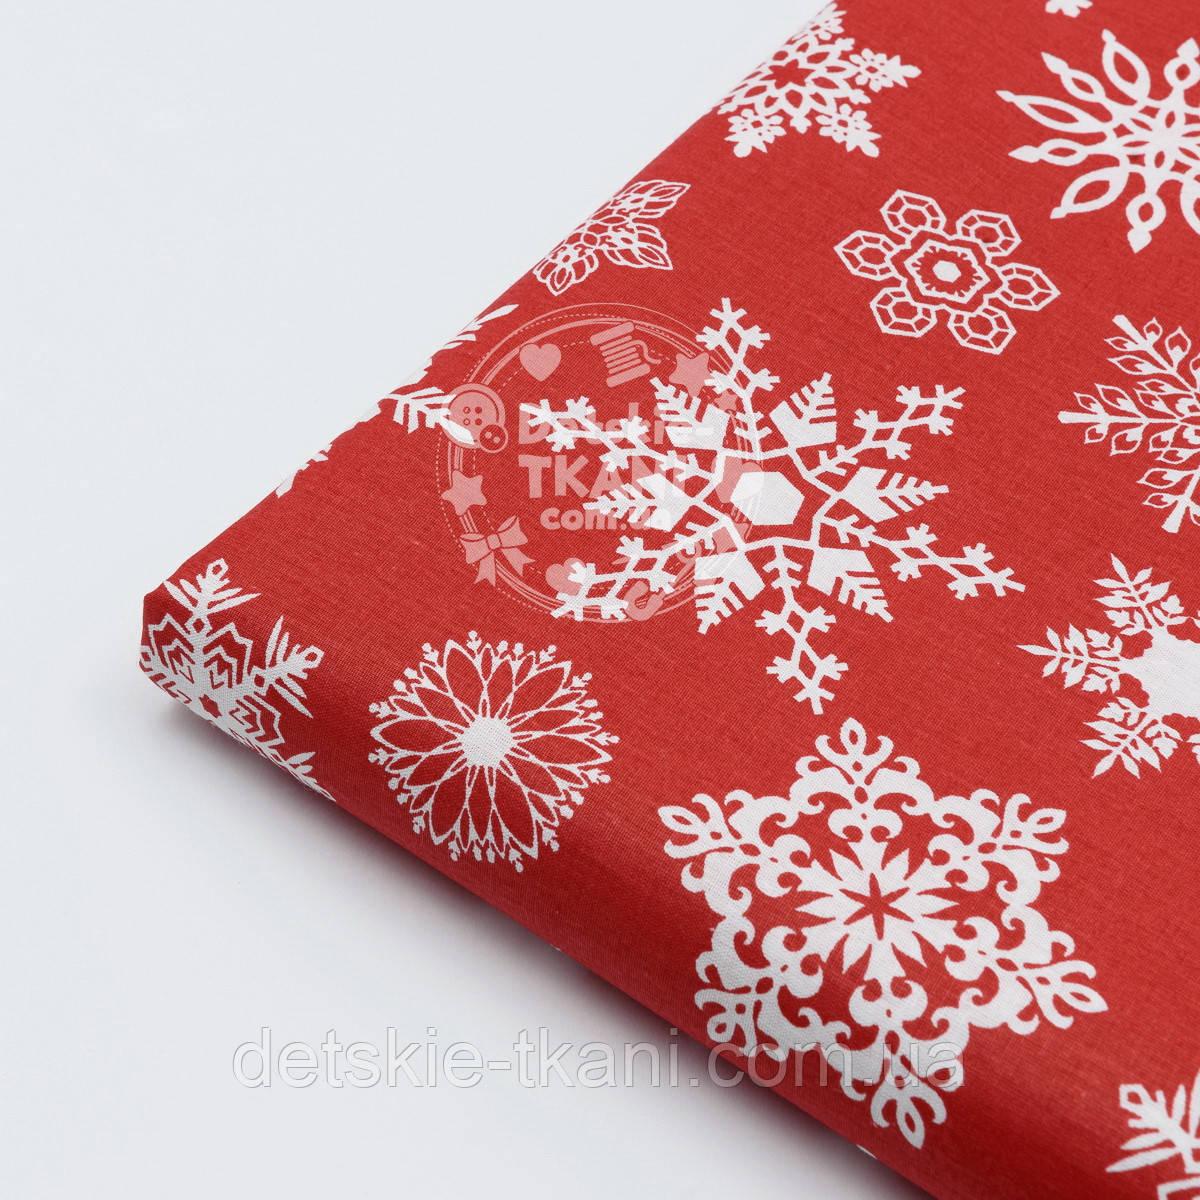 """Лоскут поплина с новогодним рисунком  """"Фигурные снежинки"""" белые на красном №1604, размер 31*120 см"""